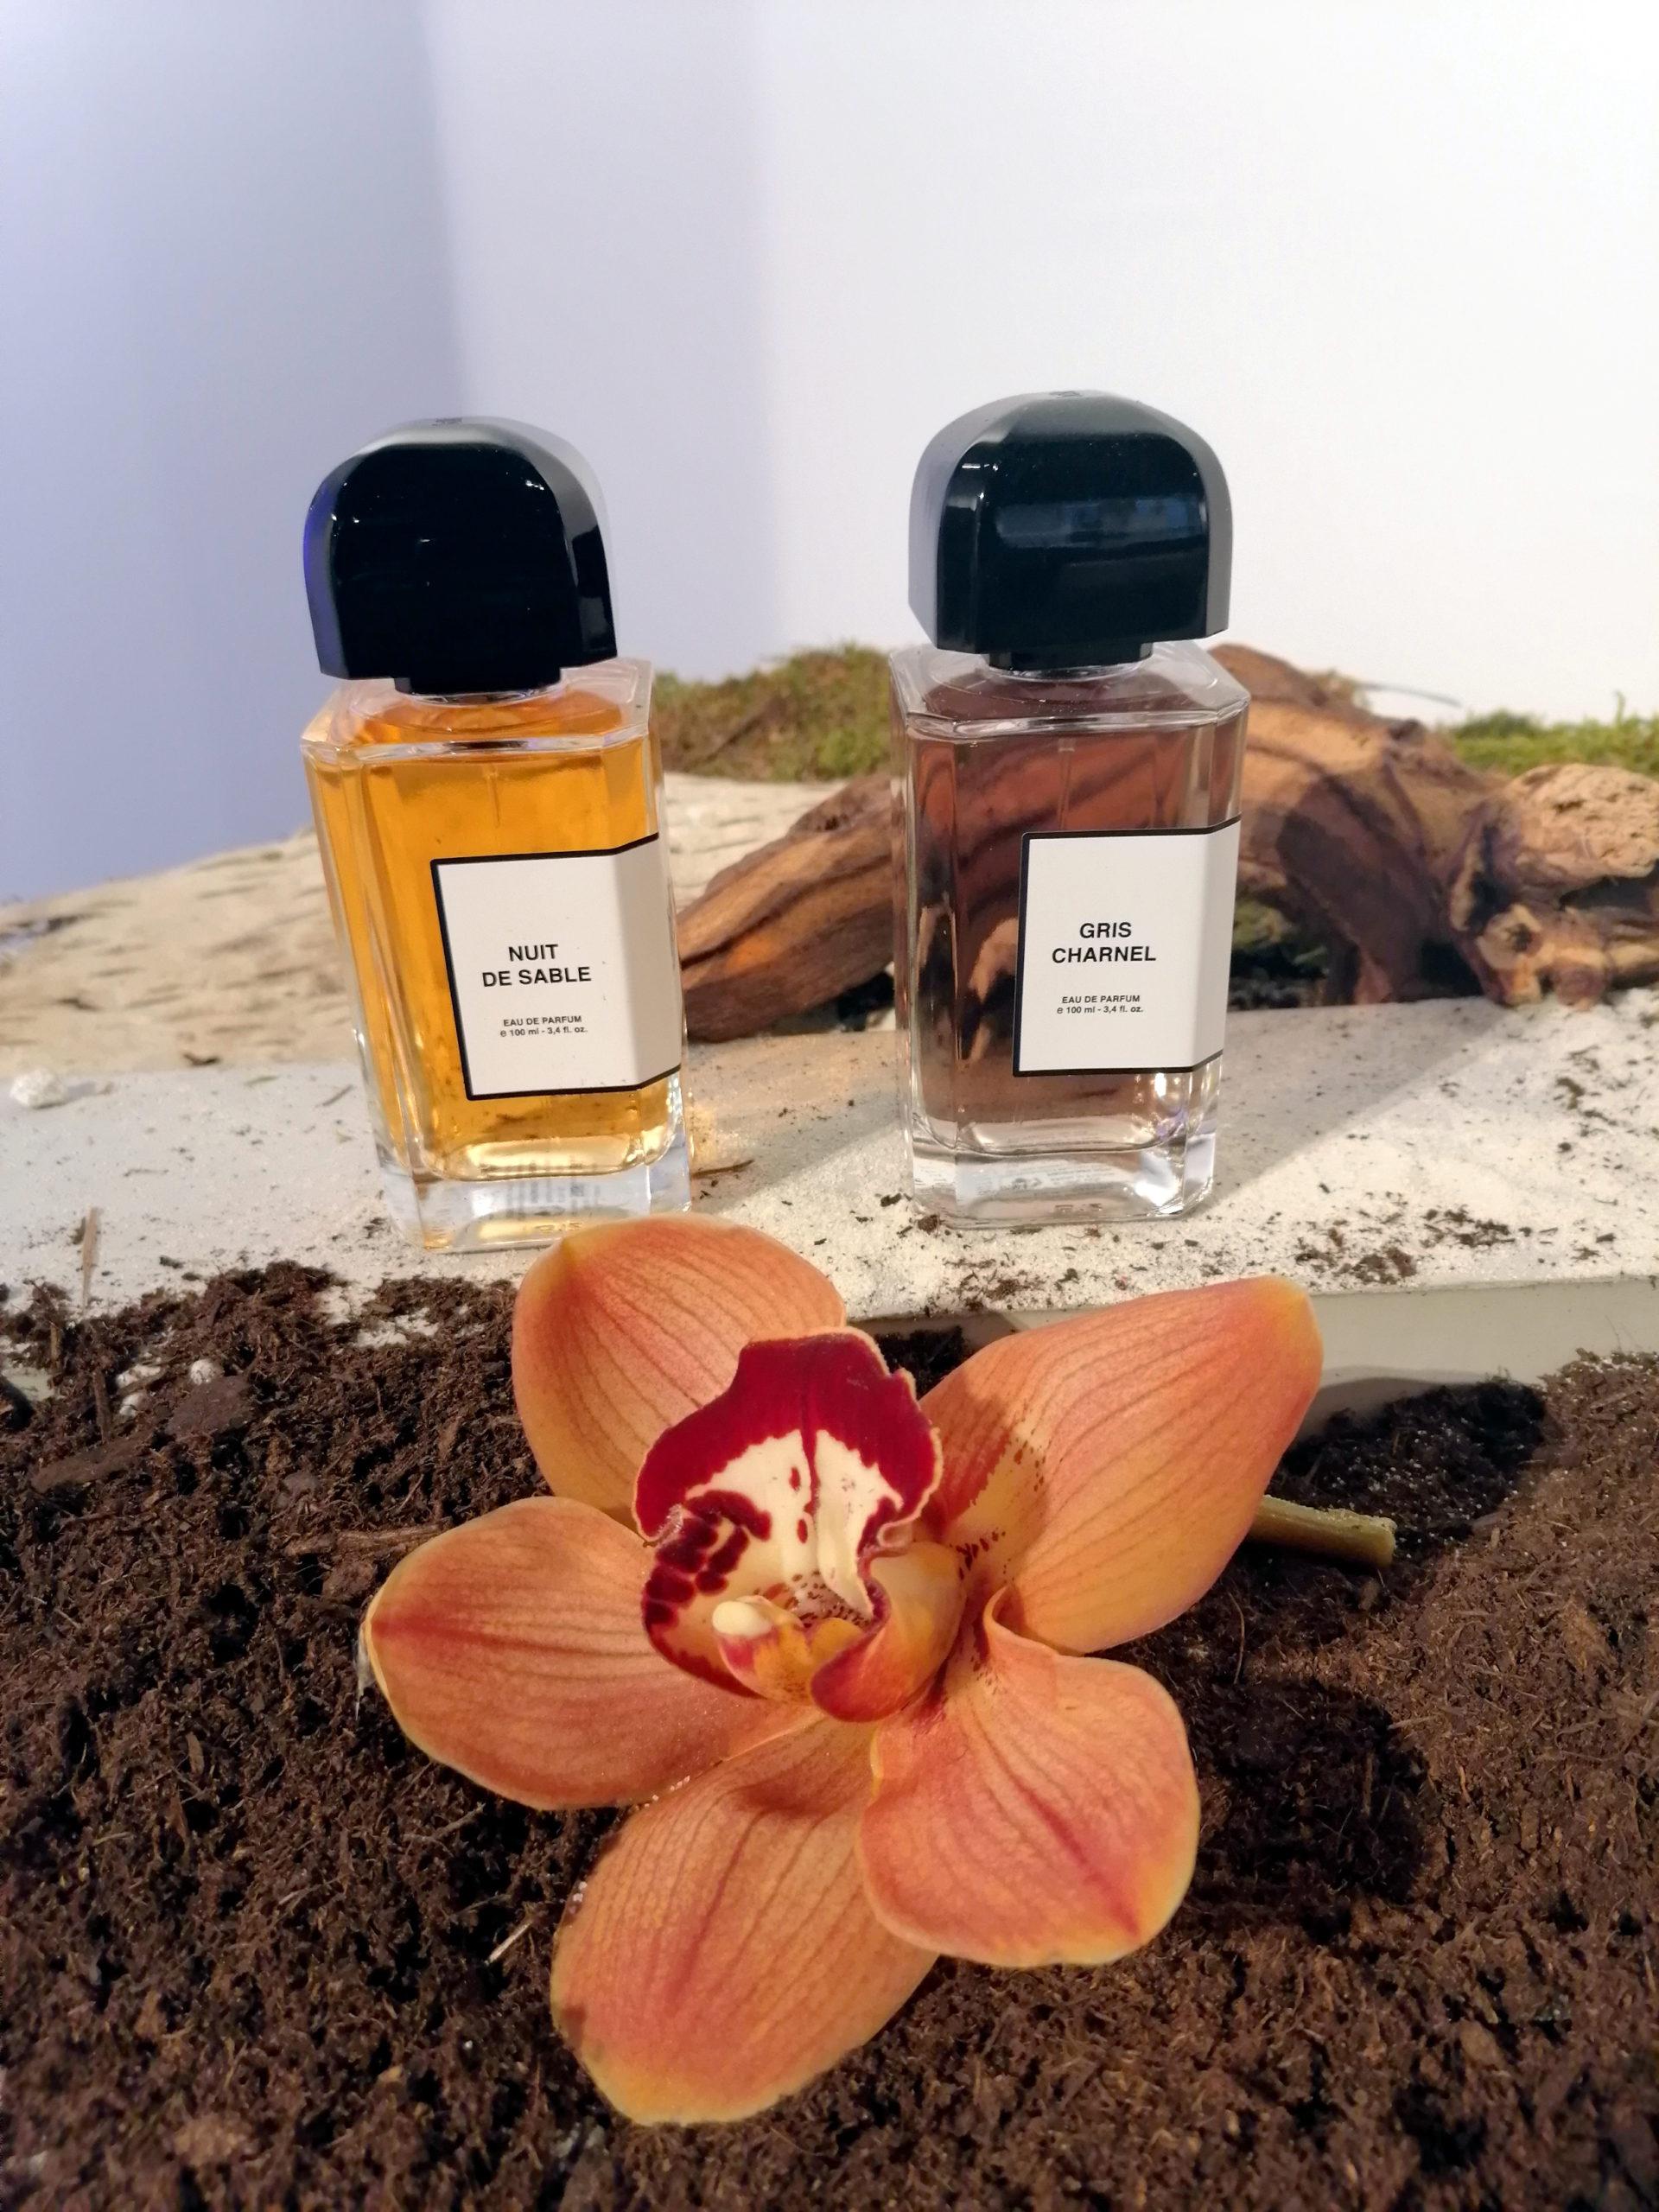 bdk parfums gris charnel nuit de sable